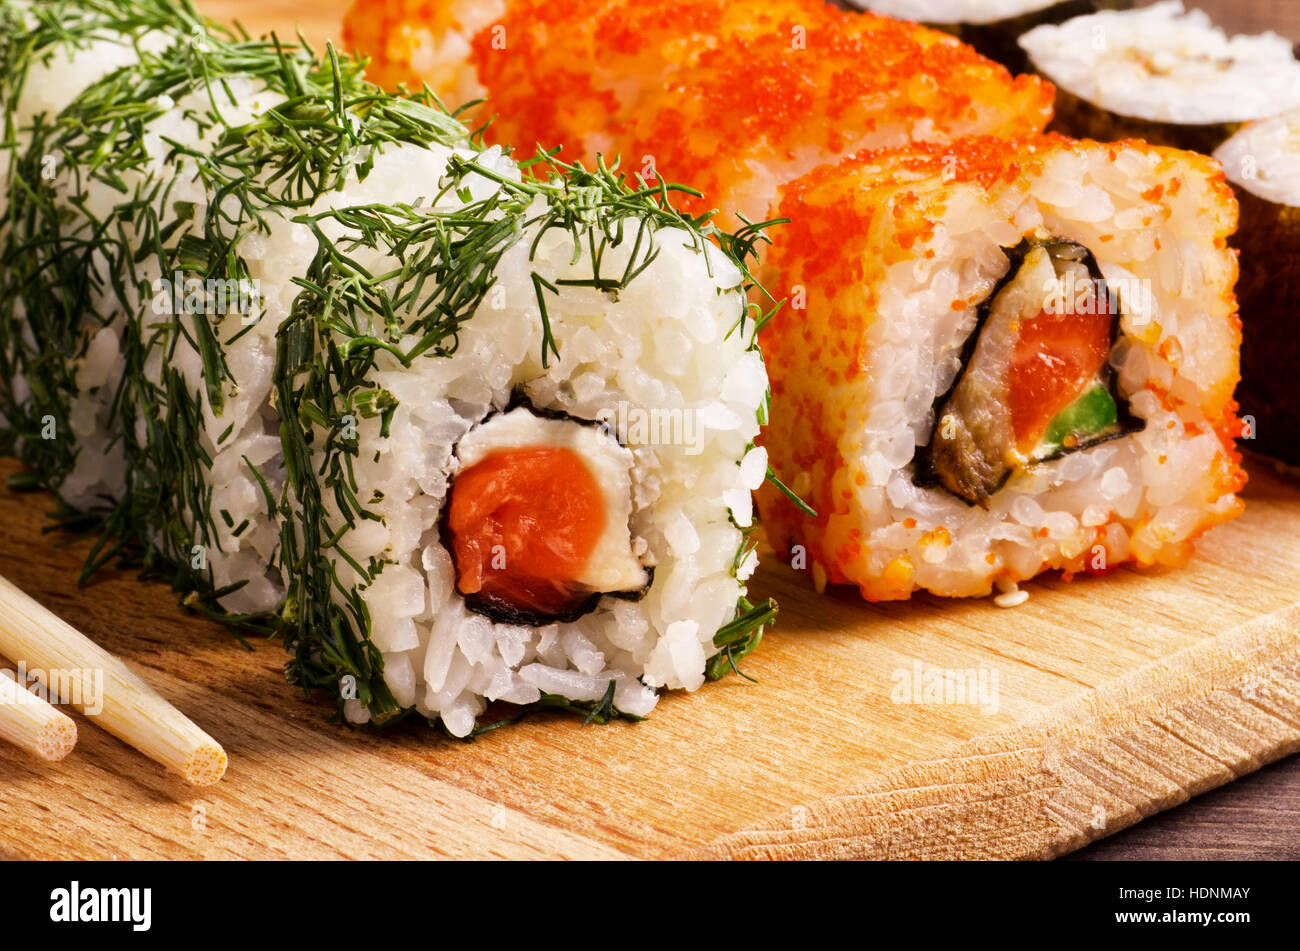 La nourriture japonaise, le saumon rouleaux de sushi situé sur une table de cuisine avec des baguettes Photo Stock